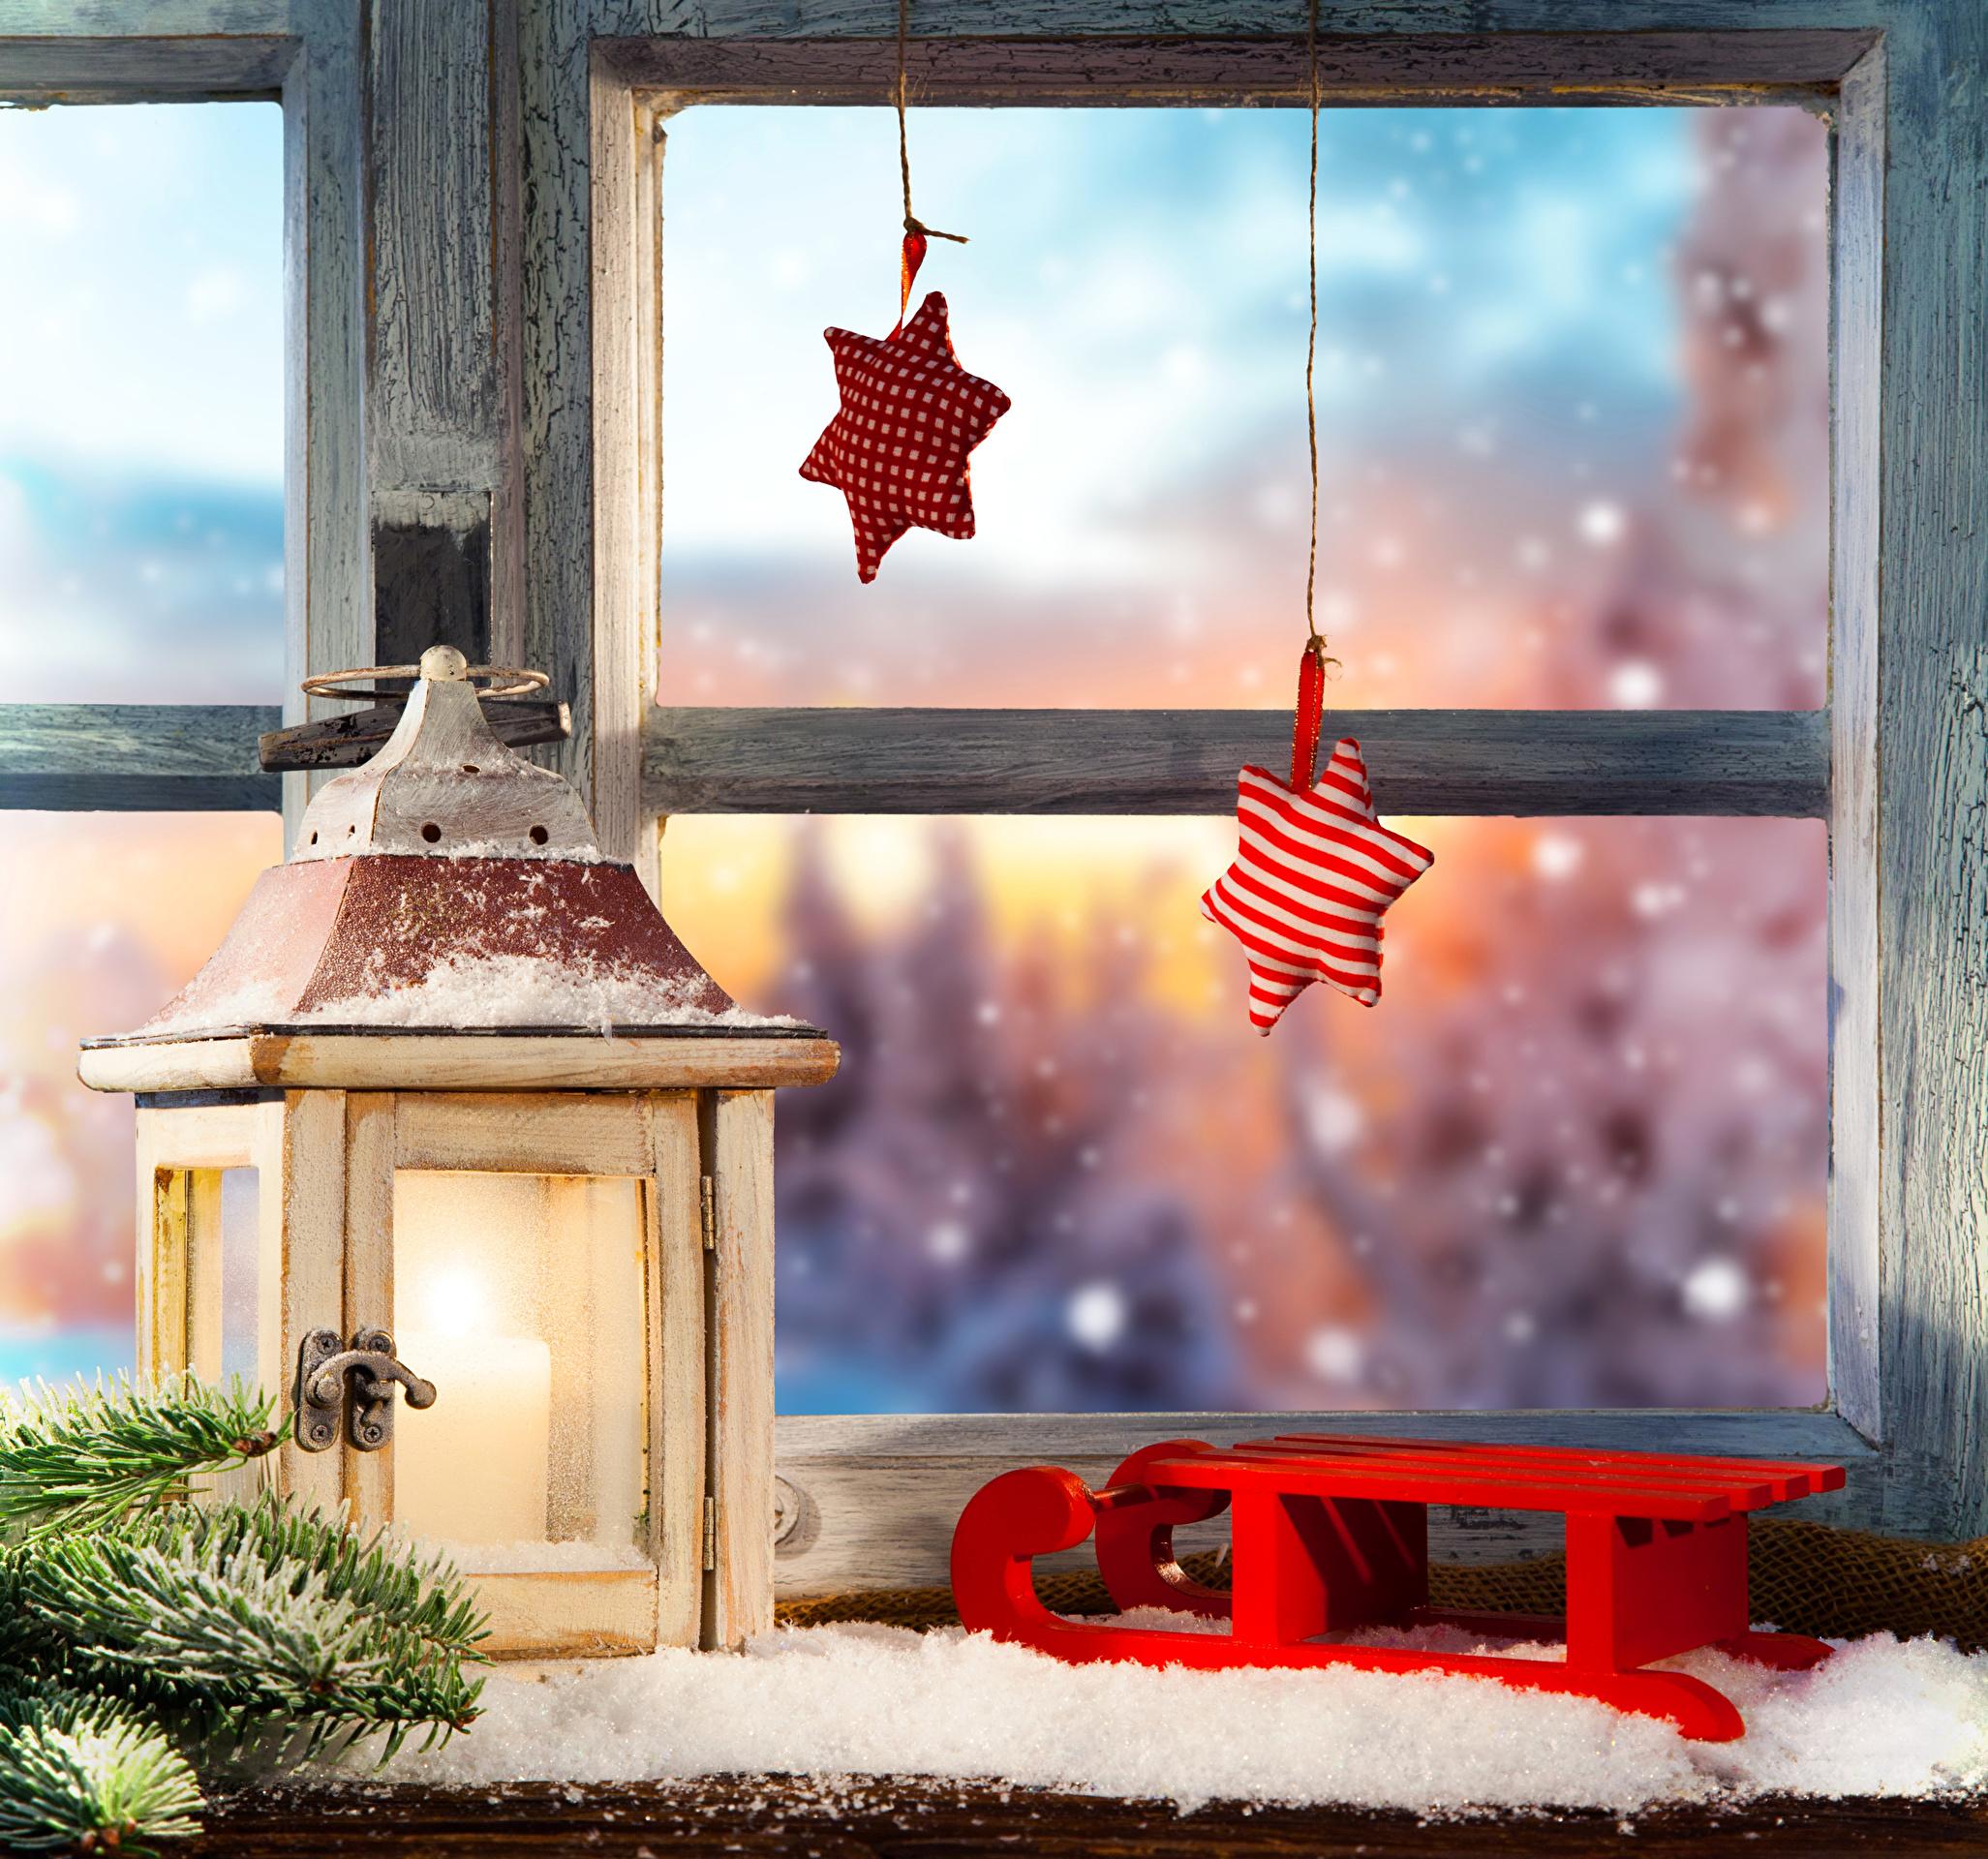 лампа свеча снег рождество lamp candle snow Christmas  № 3982773 загрузить